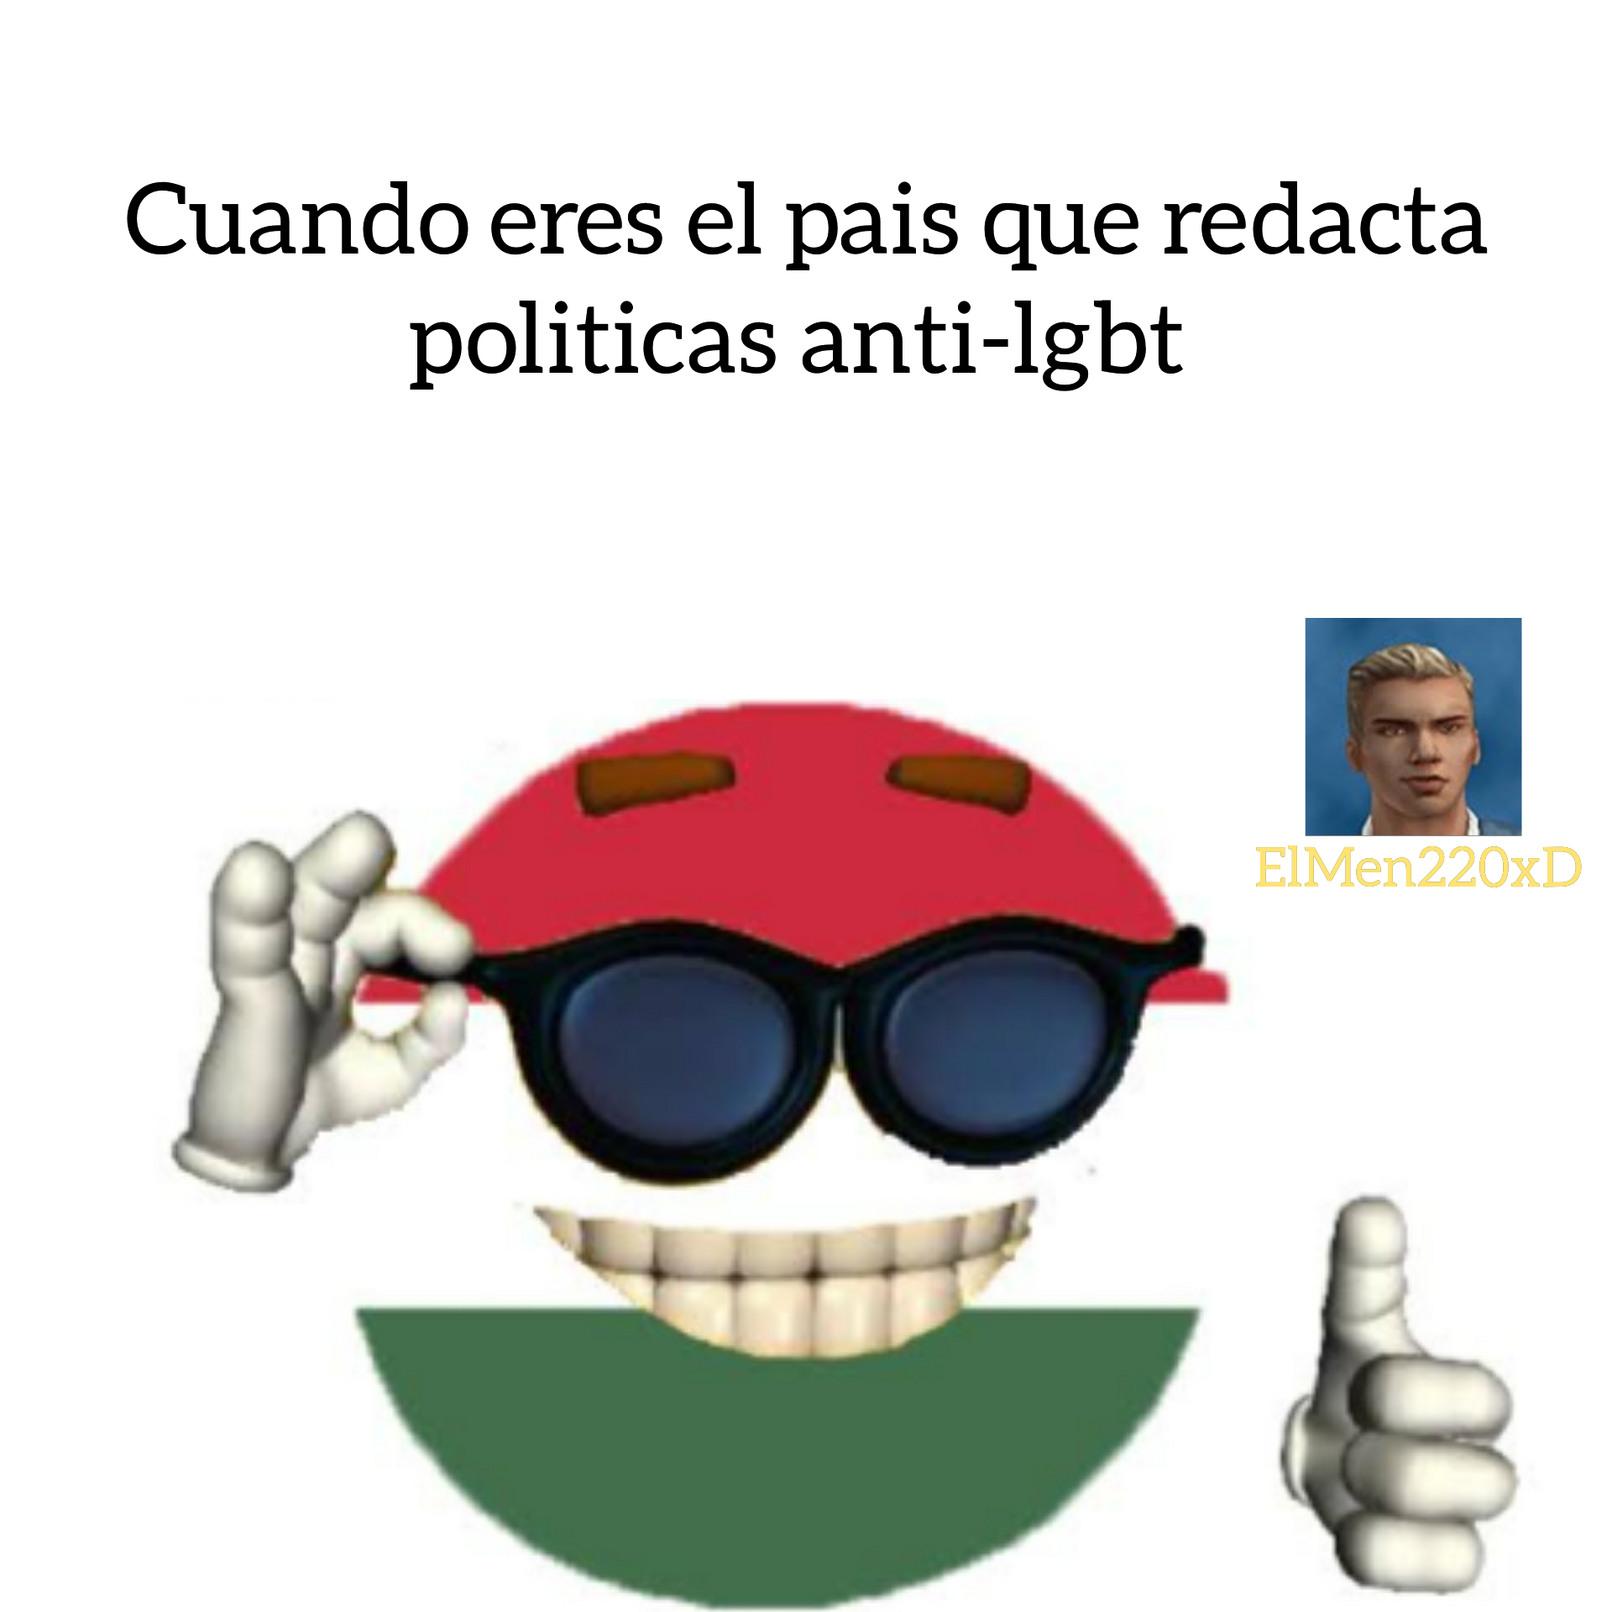 Grande Hungría - meme